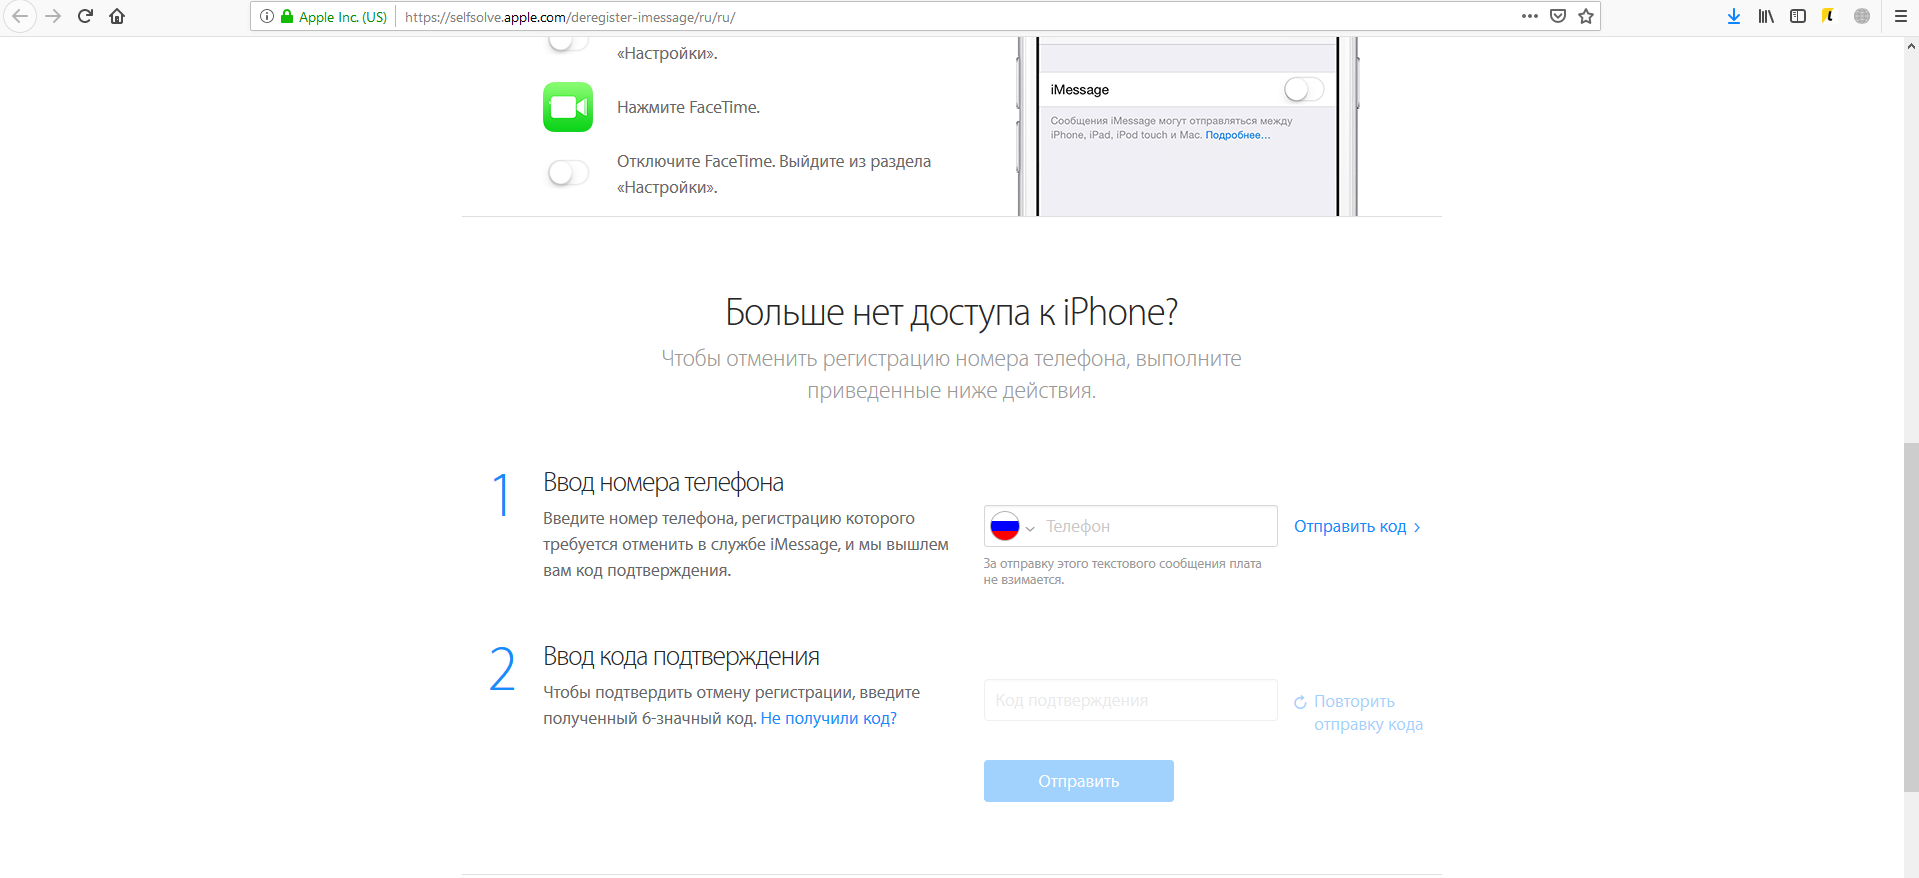 Как мигрировать к другому мобильному оператору и не обанкротиться (для владельцев iOS) - 4